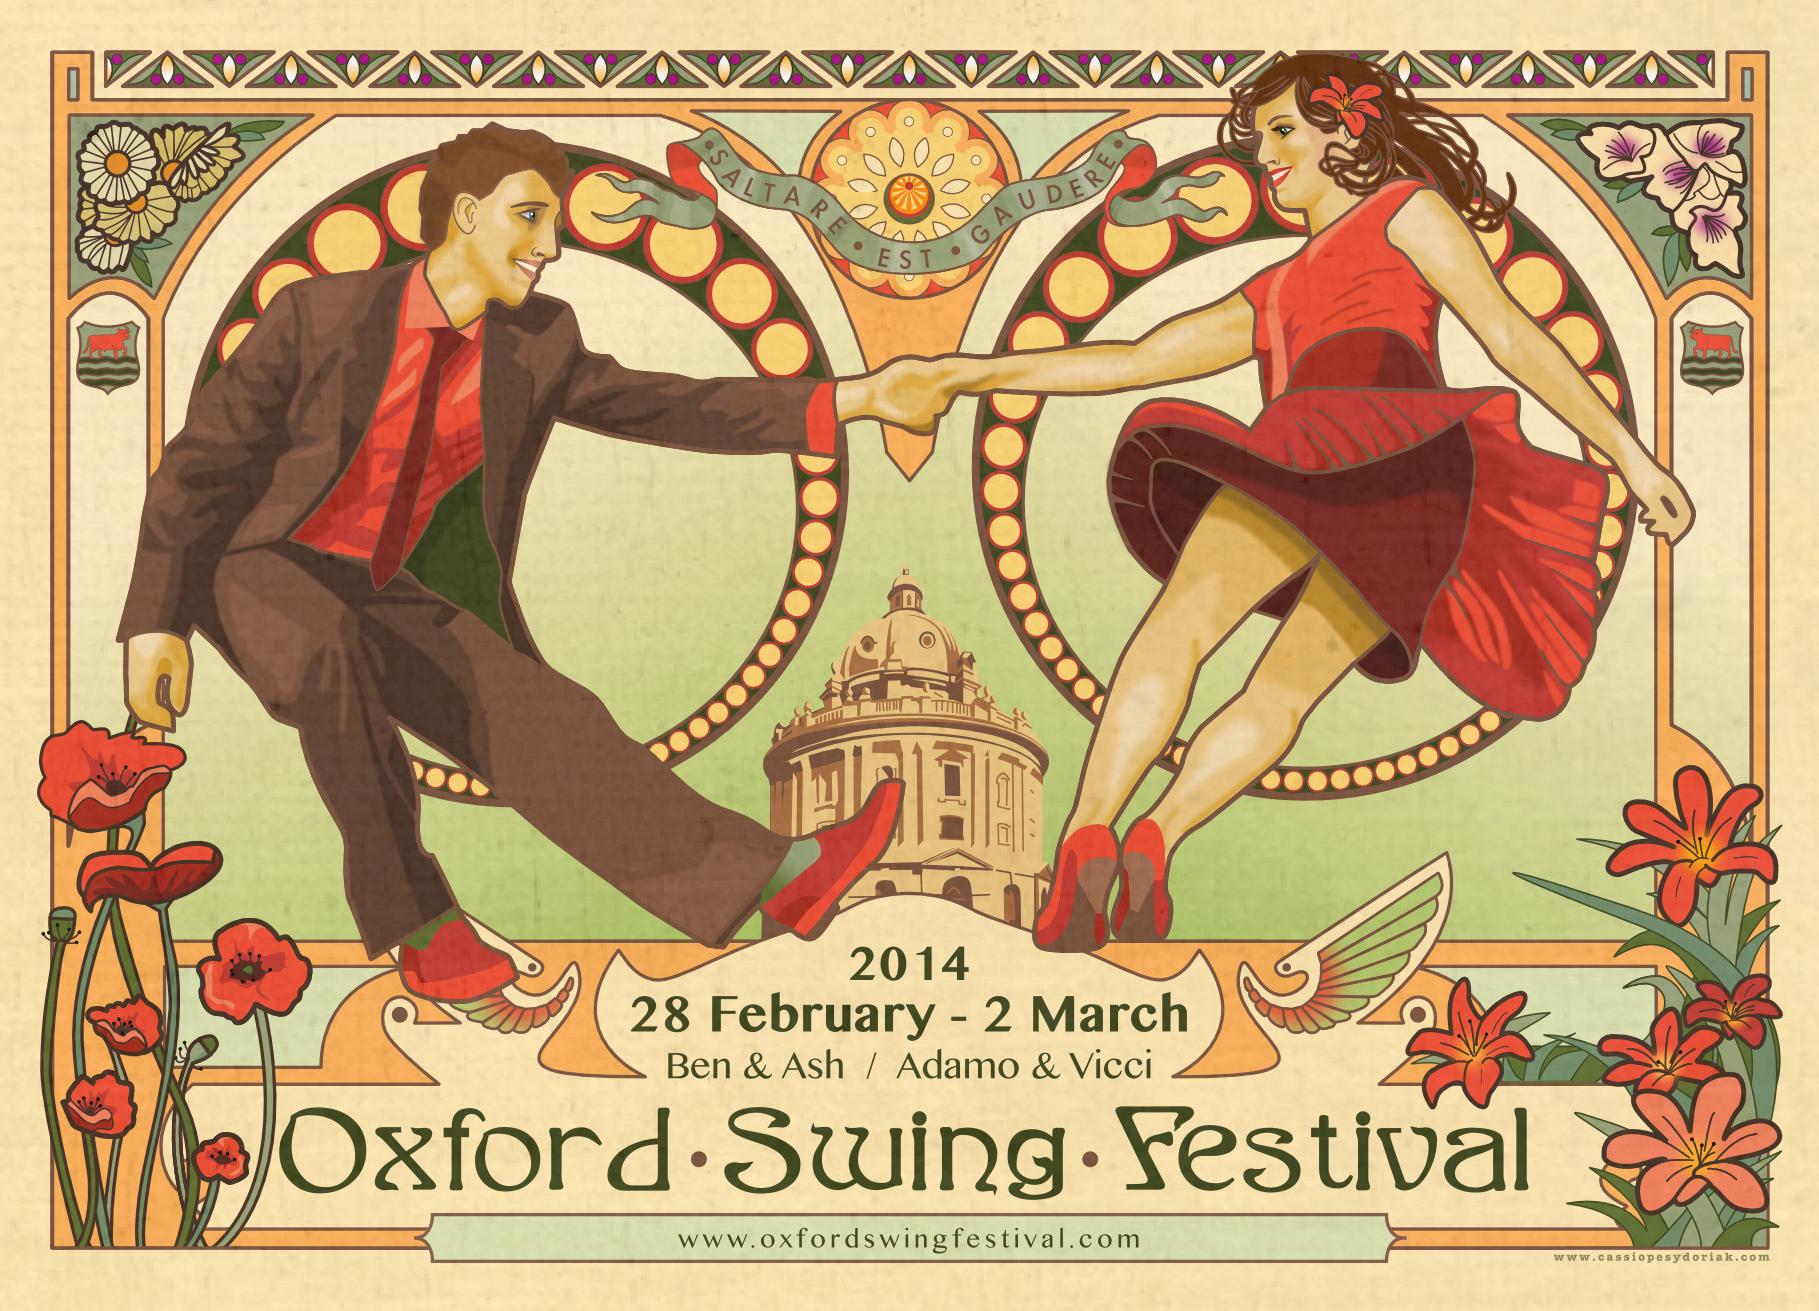 Oxford Swing Festival